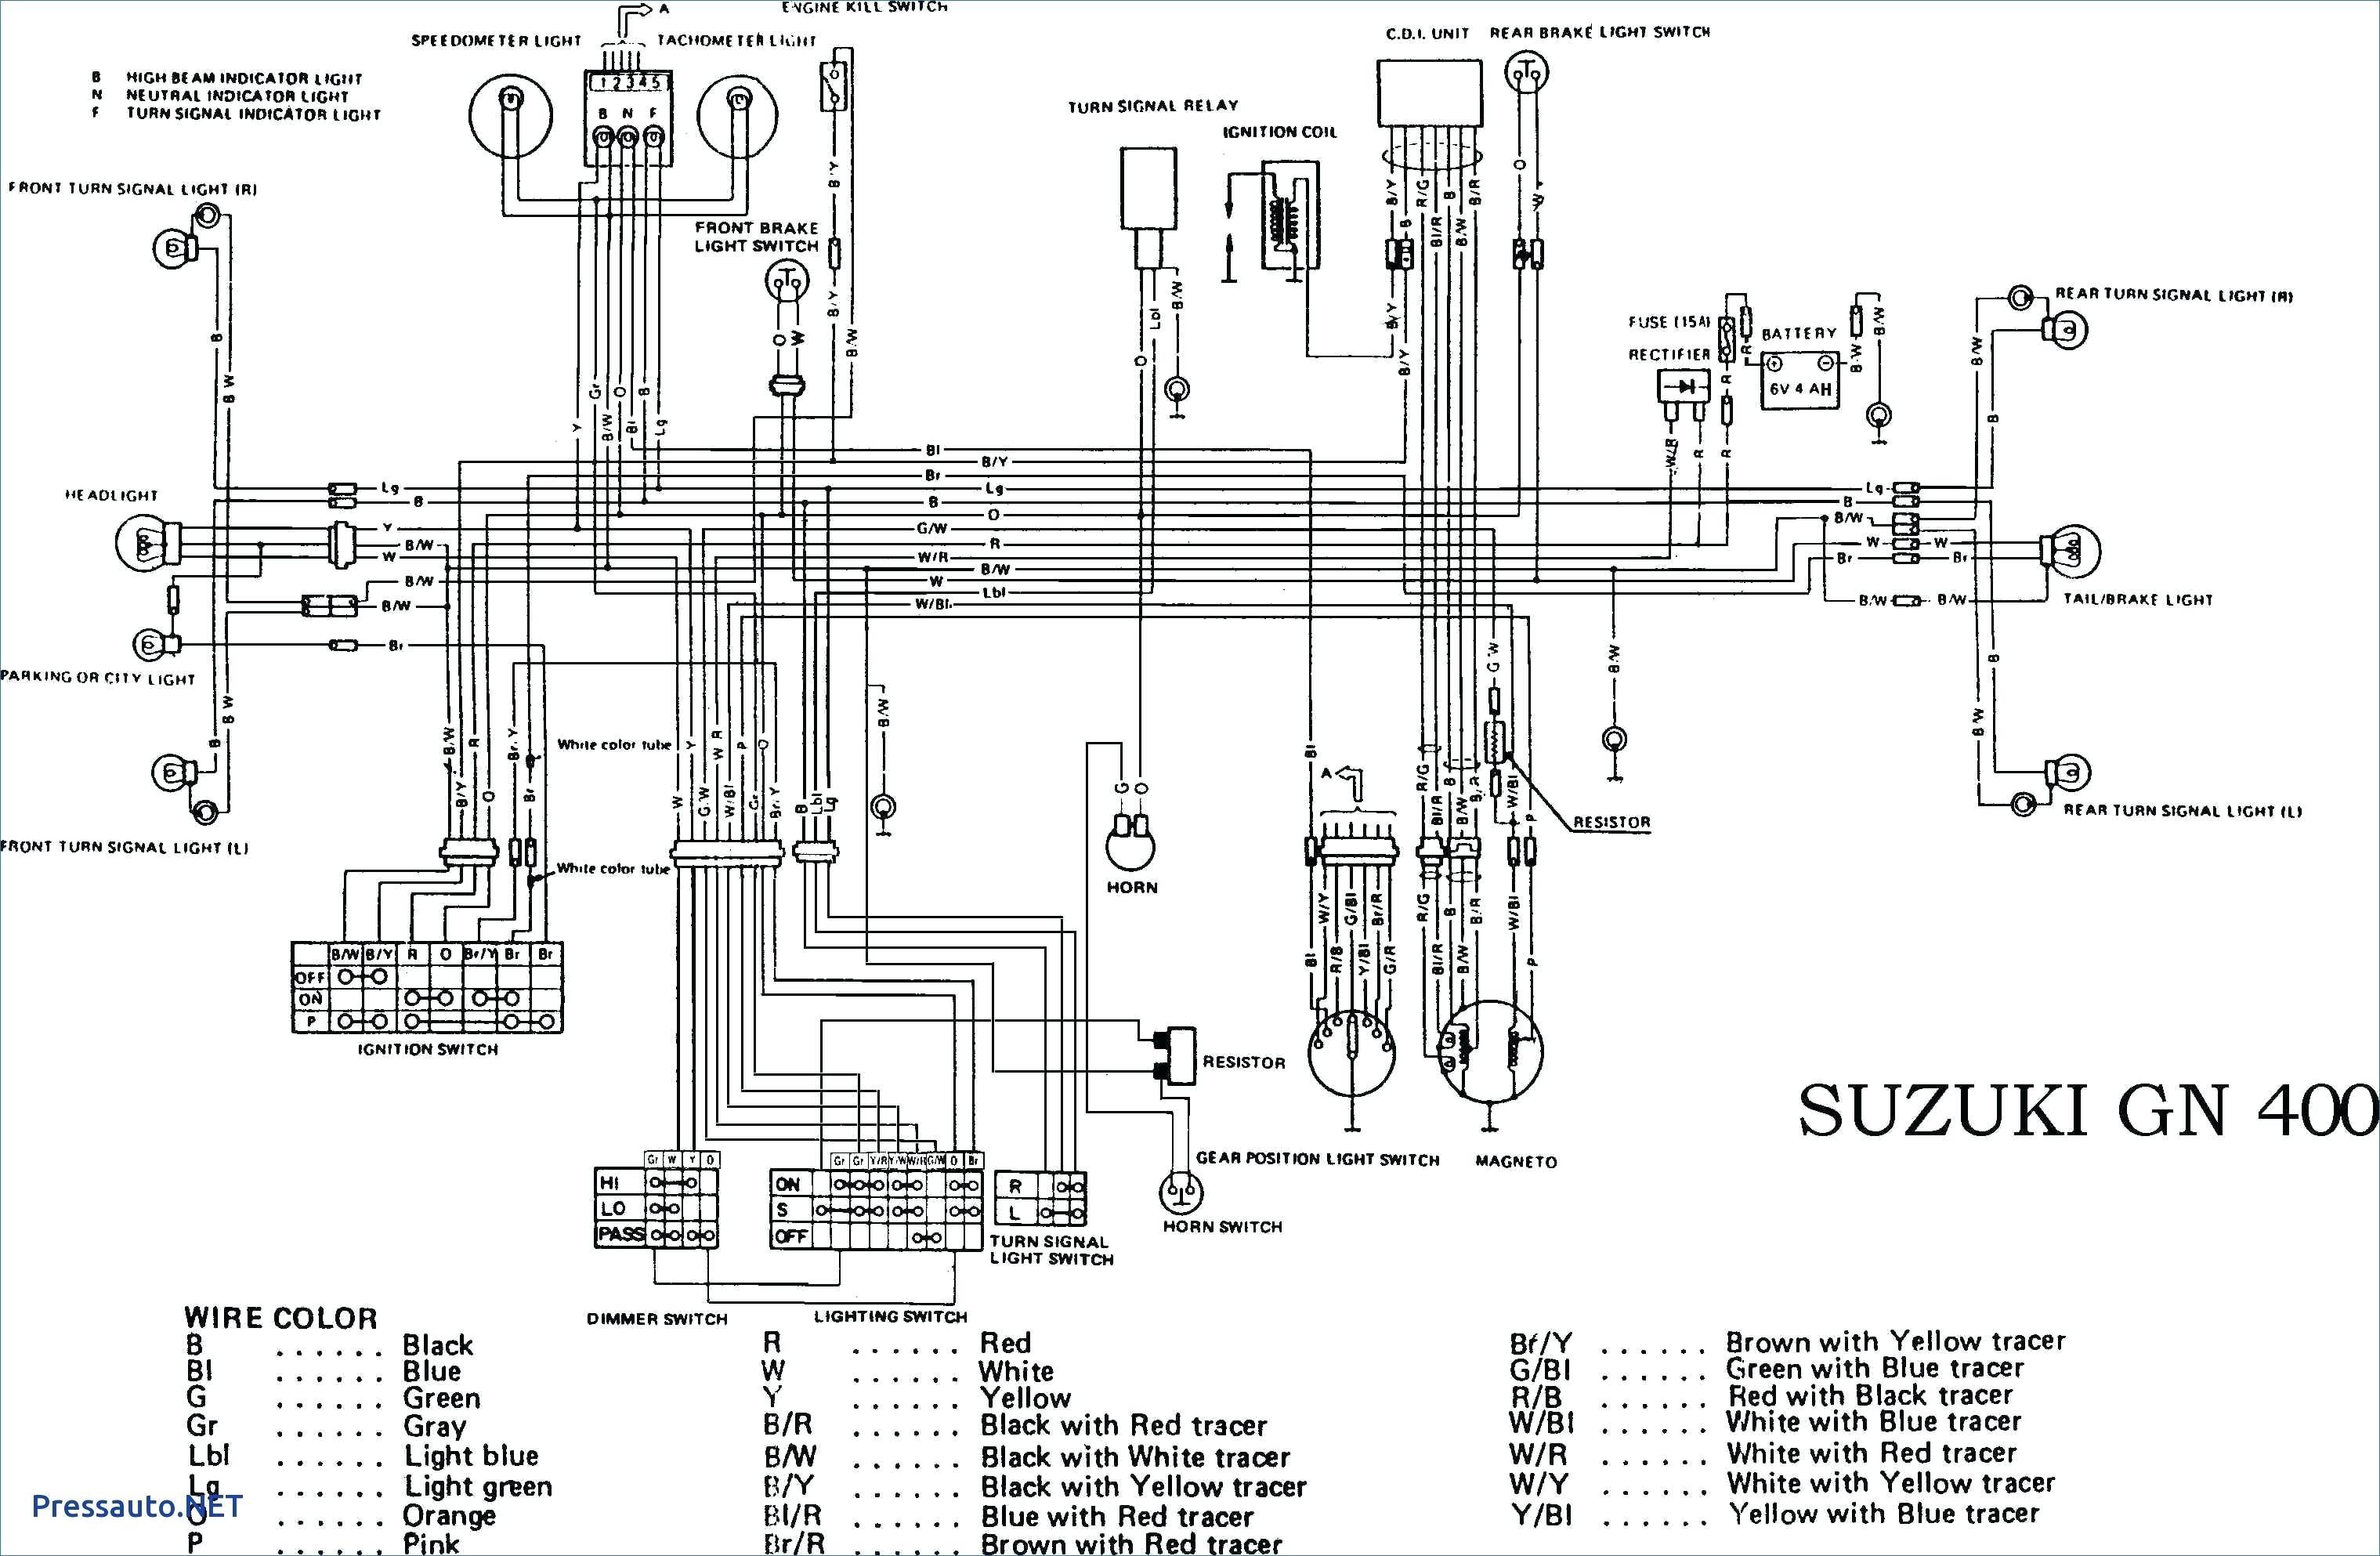 metal halide ballast wiring